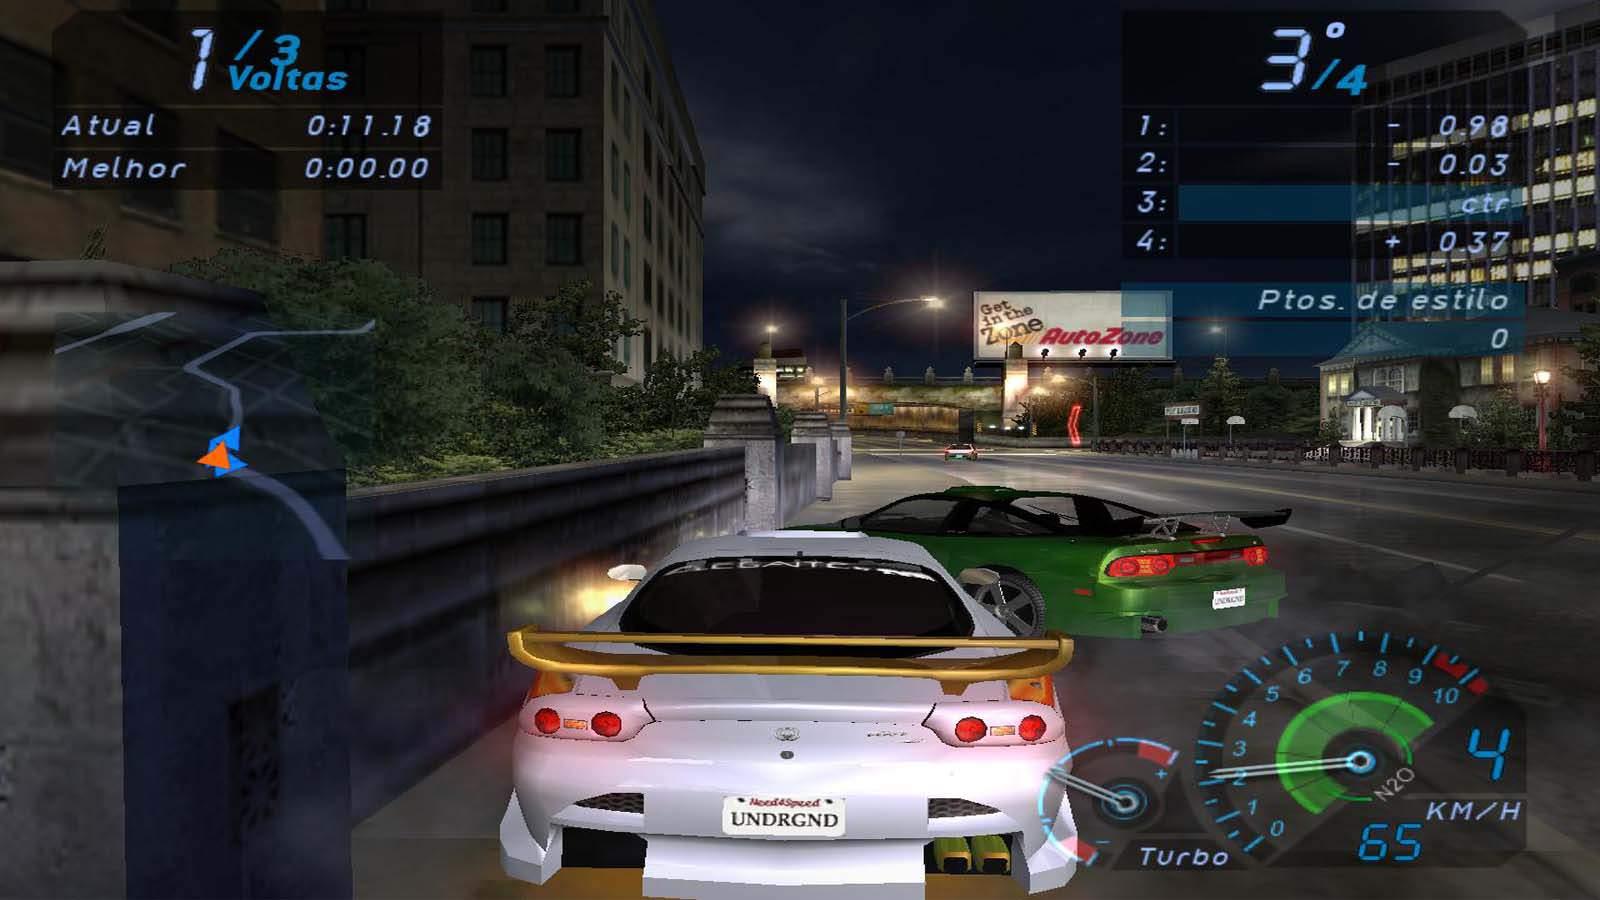 تحميل لعبة Need For Speed Underground 1 مضغوطة برابط واحد مباشر + تورنت كاملة مجانا